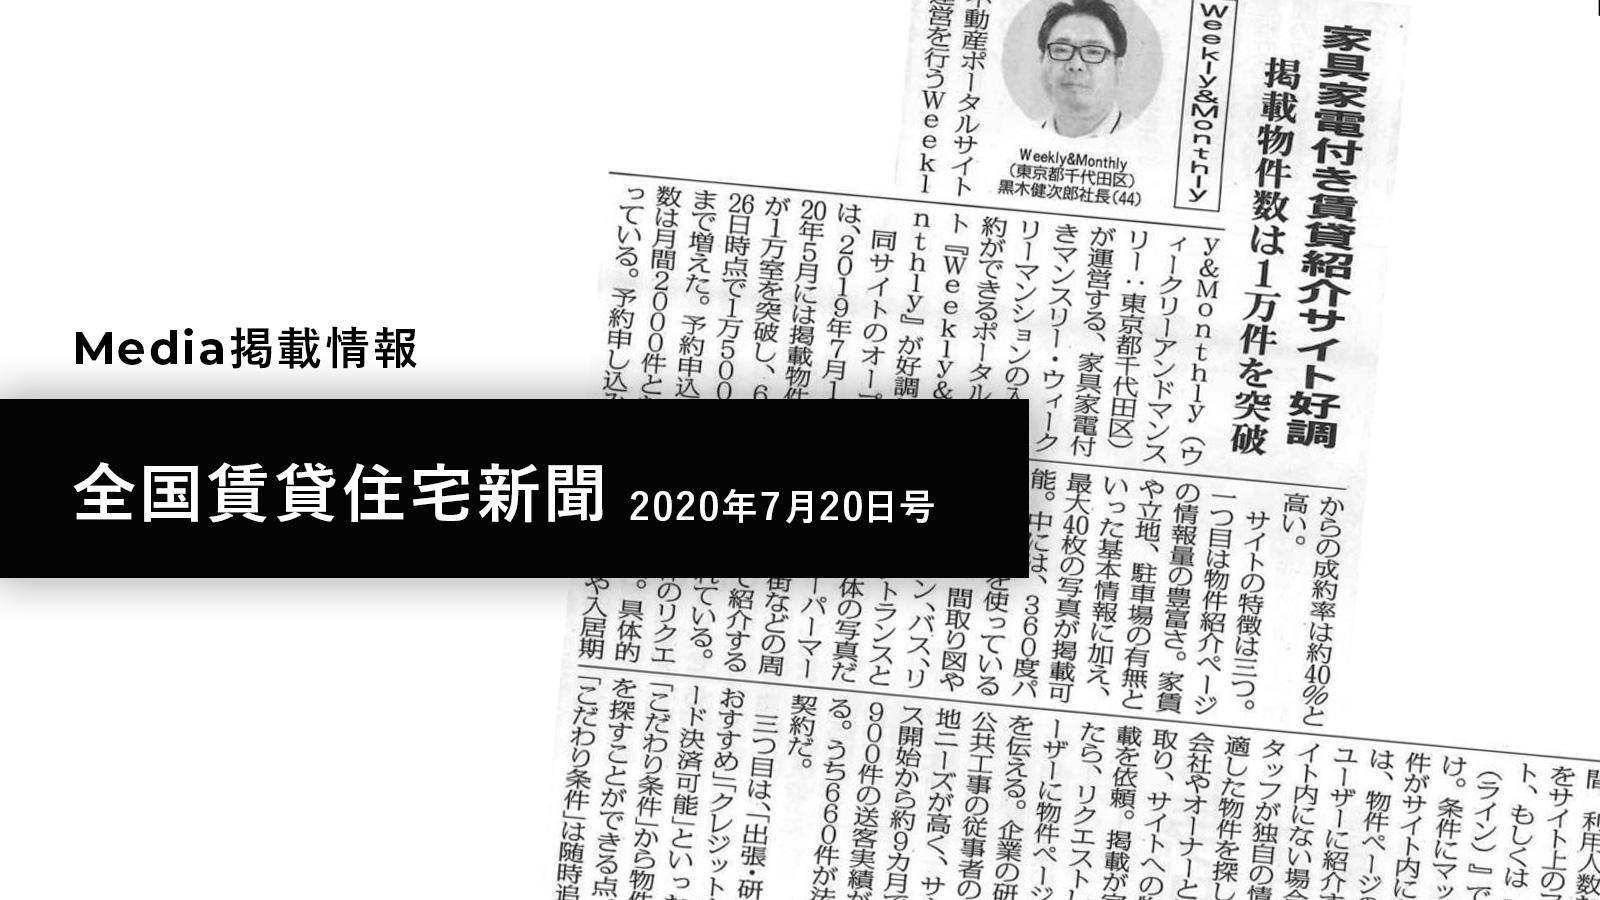 【メディア掲載】 全国賃貸住宅新聞(2020年7月20日号)に当社代表の取材記事を掲載いただきました